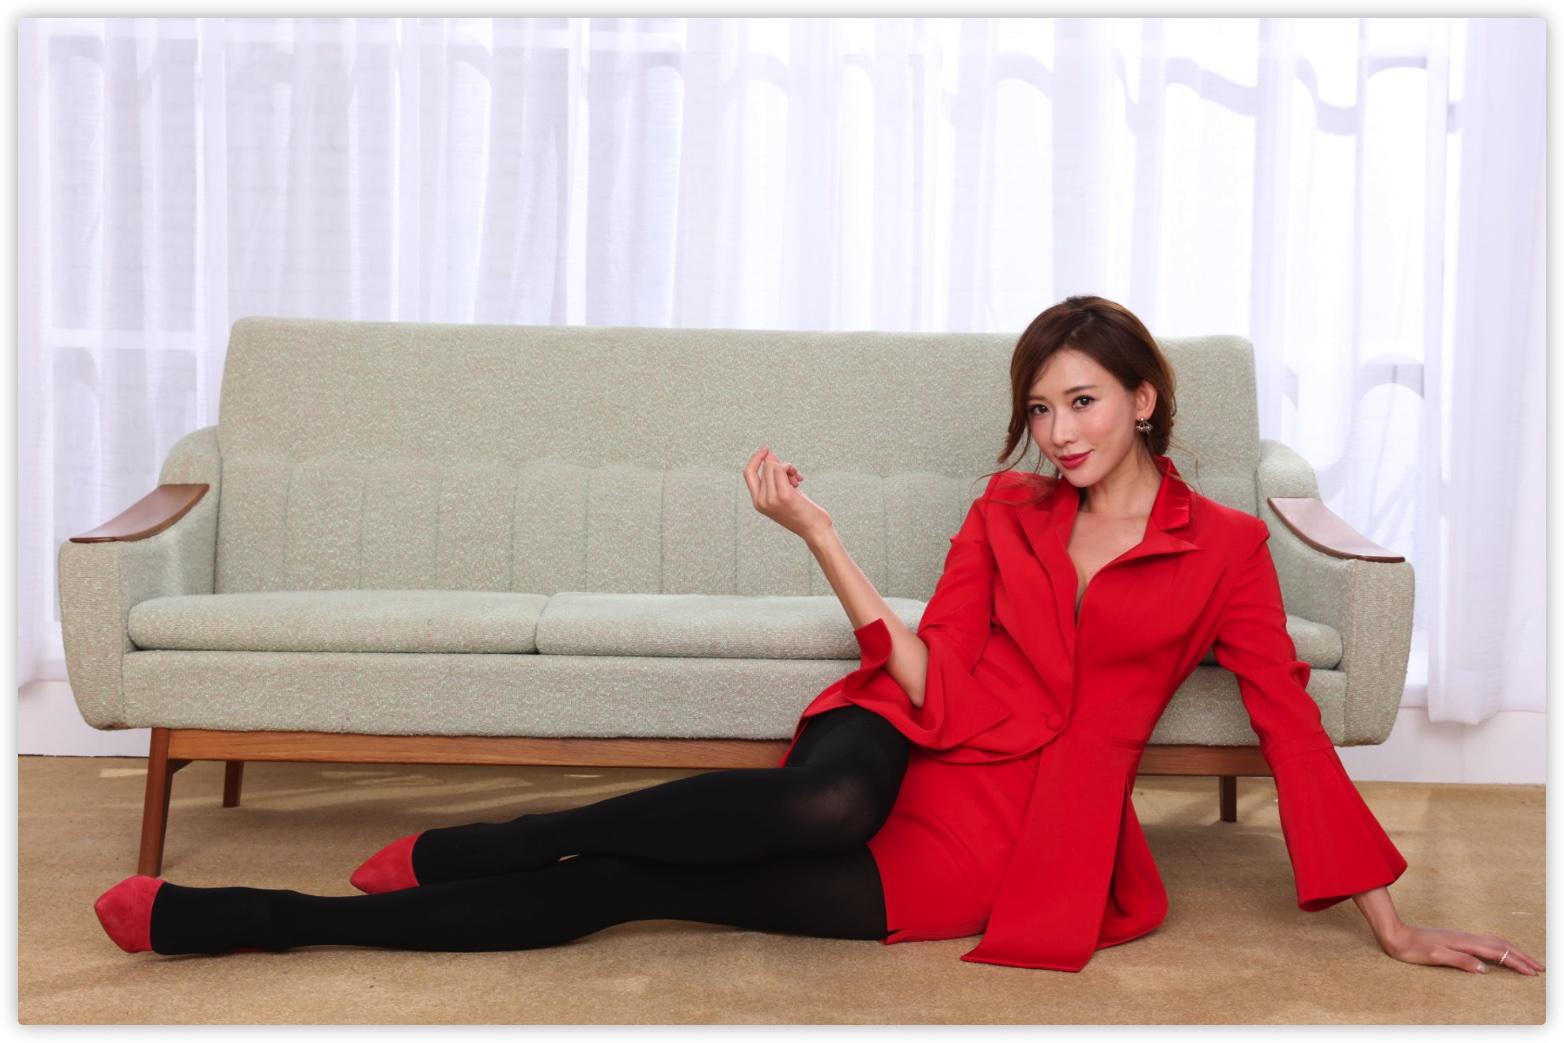 林志玲棚拍原生RAW无损生图 CR2格式高清修图练习素材 红色西装系列 收集整理 第2张